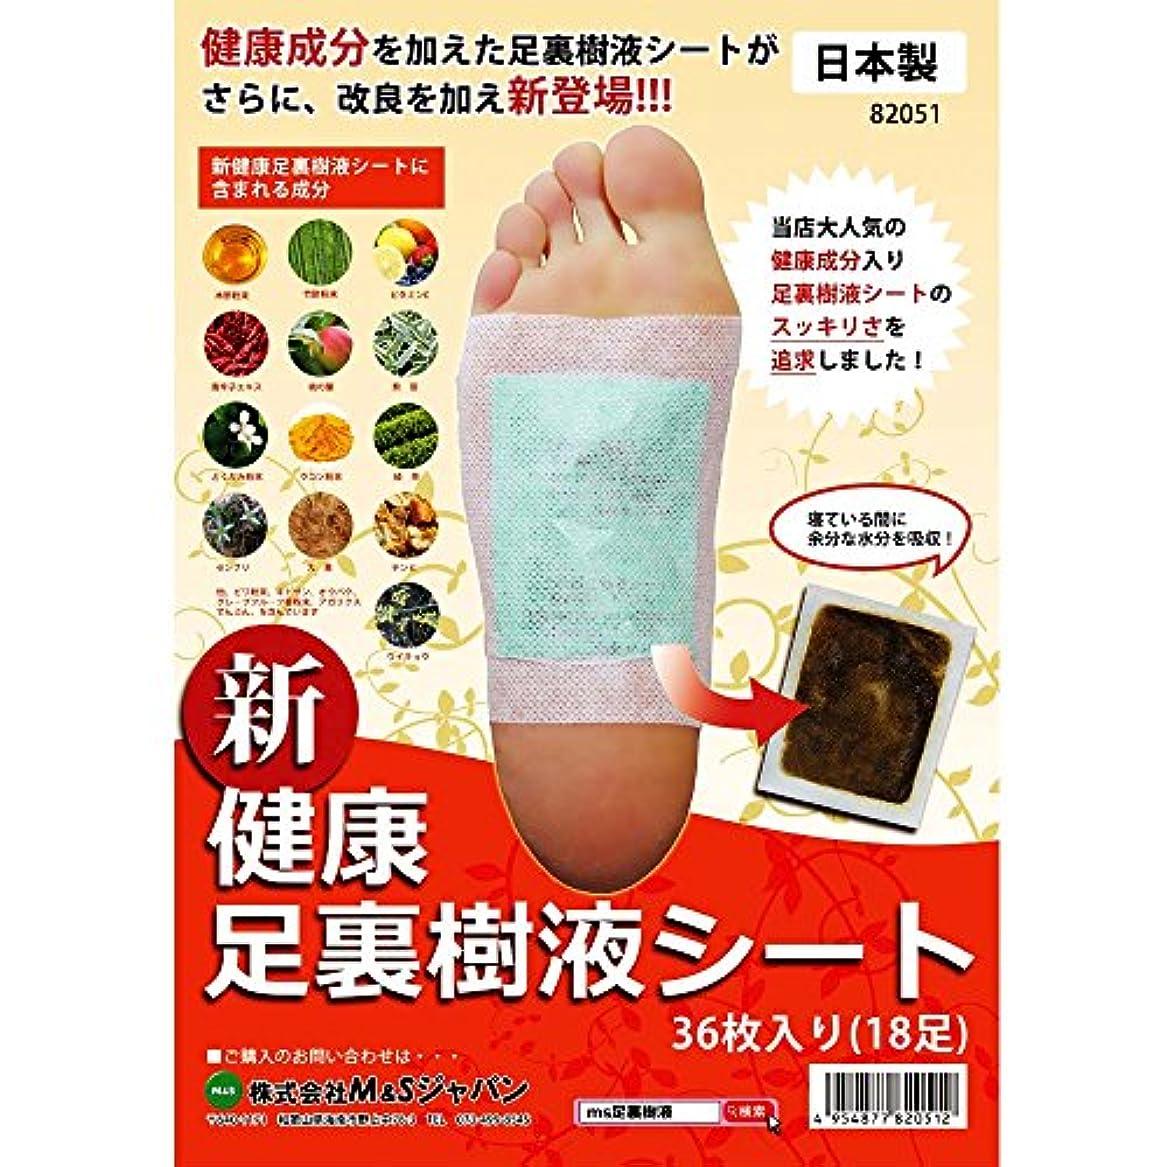 繊毛テンポ窒息させる日本製 新健康足裏樹液シート M&Sジャパン 樹液 シート フット ケア 足ツボツボ (36枚(18足)) (72枚(36足))